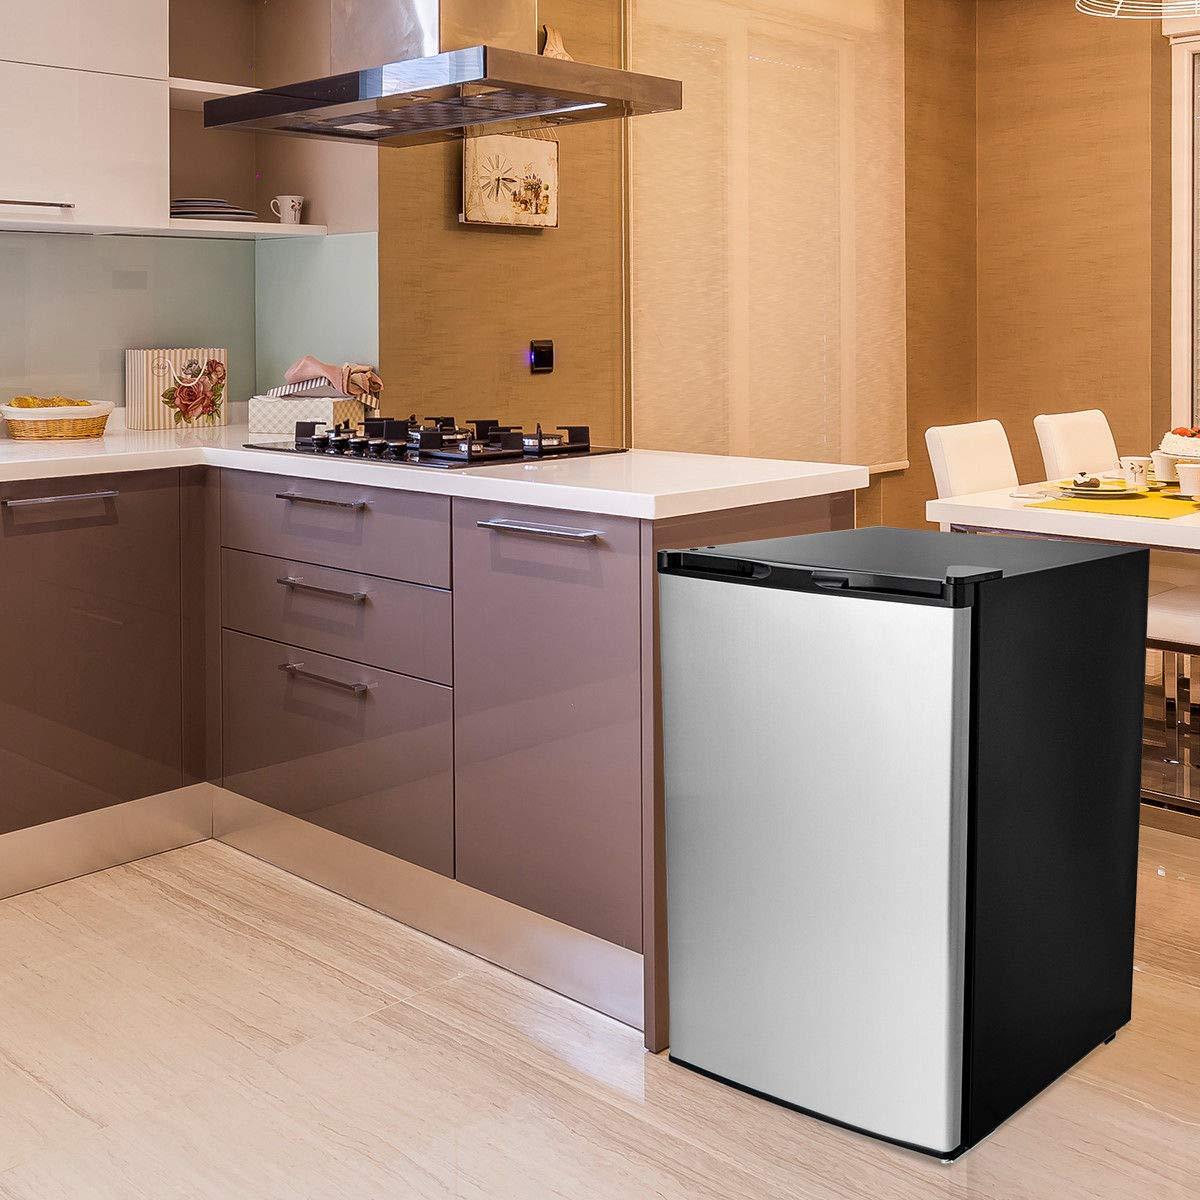 COSTWAY Compact Single Door Upright Freezer - Mini Size with Stainless Steel Door - 3.0 CU FT Capacity - Adjustable by COSTWAY (Image #3)